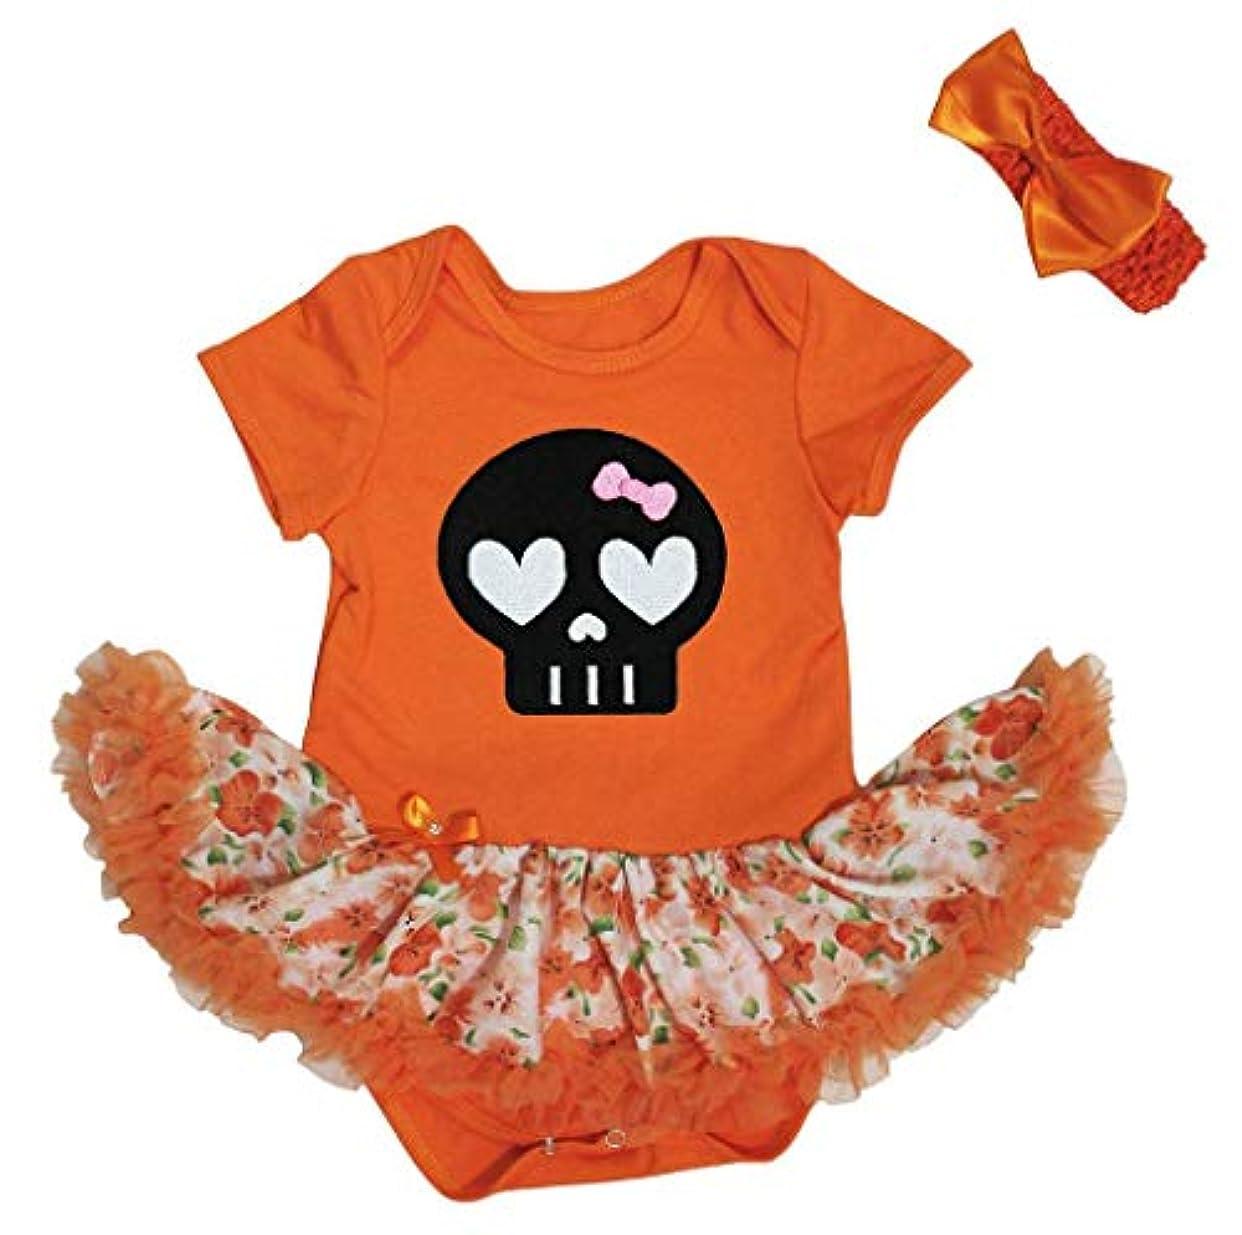 どう?犠牲首[キッズコーナー] ハロウィン 可愛い スケルトン オレンジ ボディスーツ ドレス ベビー服 子供チュチュ Nb-18m (オレンジ, Large) [並行輸入品]